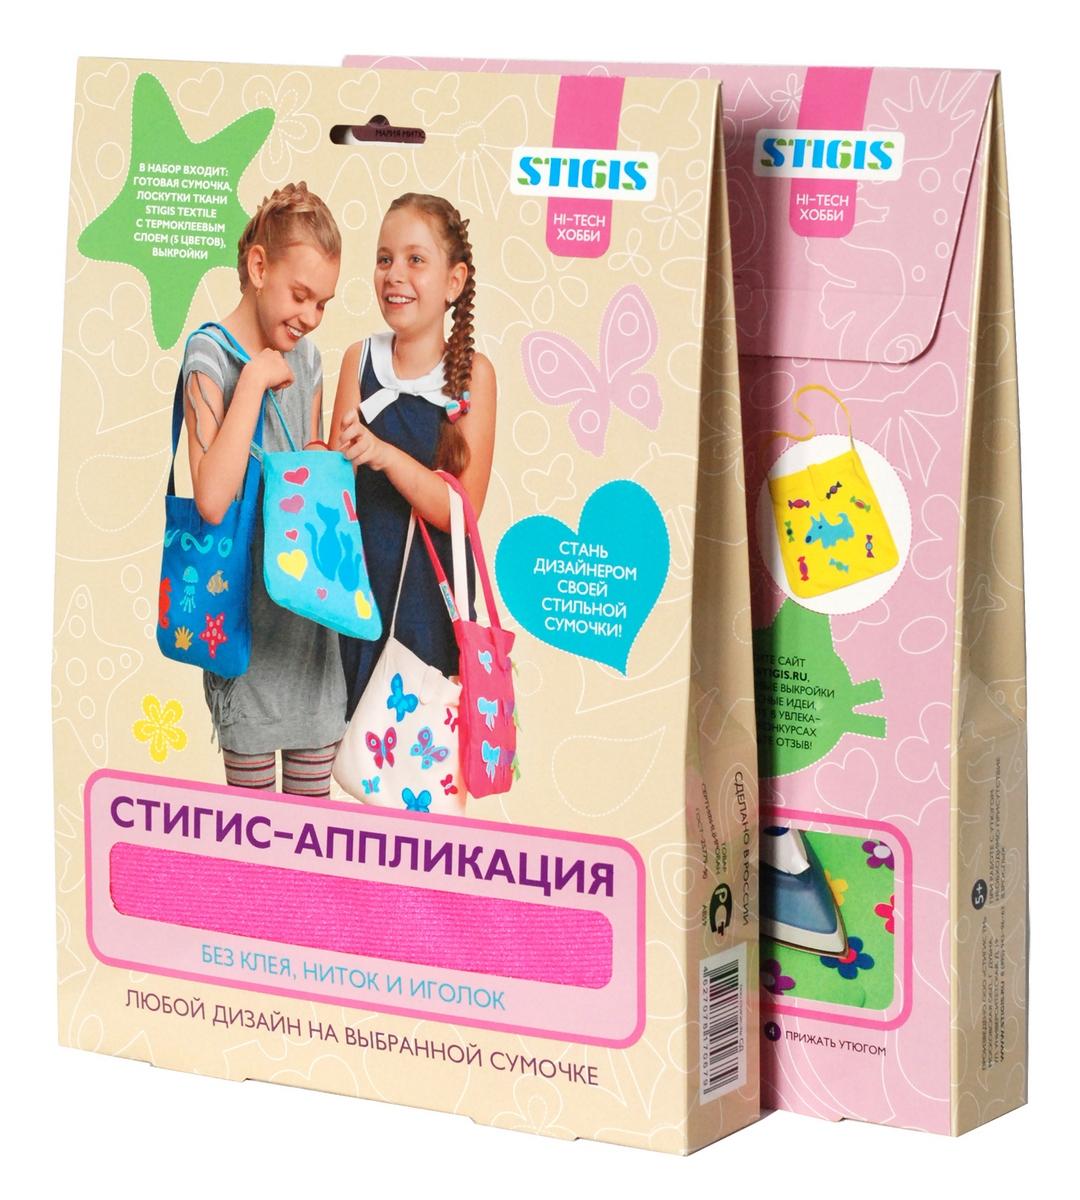 Stigis Набор для украшения сумочки Стигис-аппликация цвет розовыйСД розоваяС помощью набора для украшения сумочки Стигис-аппликация ваш ребенок сможет легко создать сумочку с авторским дизайном. В набор входит сумочка и 5 кусочков ткани с уникальным термоклеевым слоем, выкройки и инструкция на русском языке. Все, что должен уметь ребенок - это держать в руке ножницы, а если этого навыка еще нет, то это отличный повод получить его! Специальная ткань легко режется и не сечется. Благодаря ярким цветам и приятной фактуре аппликация получится красочной и уютной. Чтобы создать понравившуюся картинку на сумочке нужно вырезать элементы из ткани по контурам, разложить их на фоне и попросить маму прижать картинку утюгом. Фантазия, любовь к творчеству, вкус, чувство цвета, дизайнерские навыки, мелкая моторика, аккуратность - эти качества и навыки развиваются при занятии стигис-аппликацией.